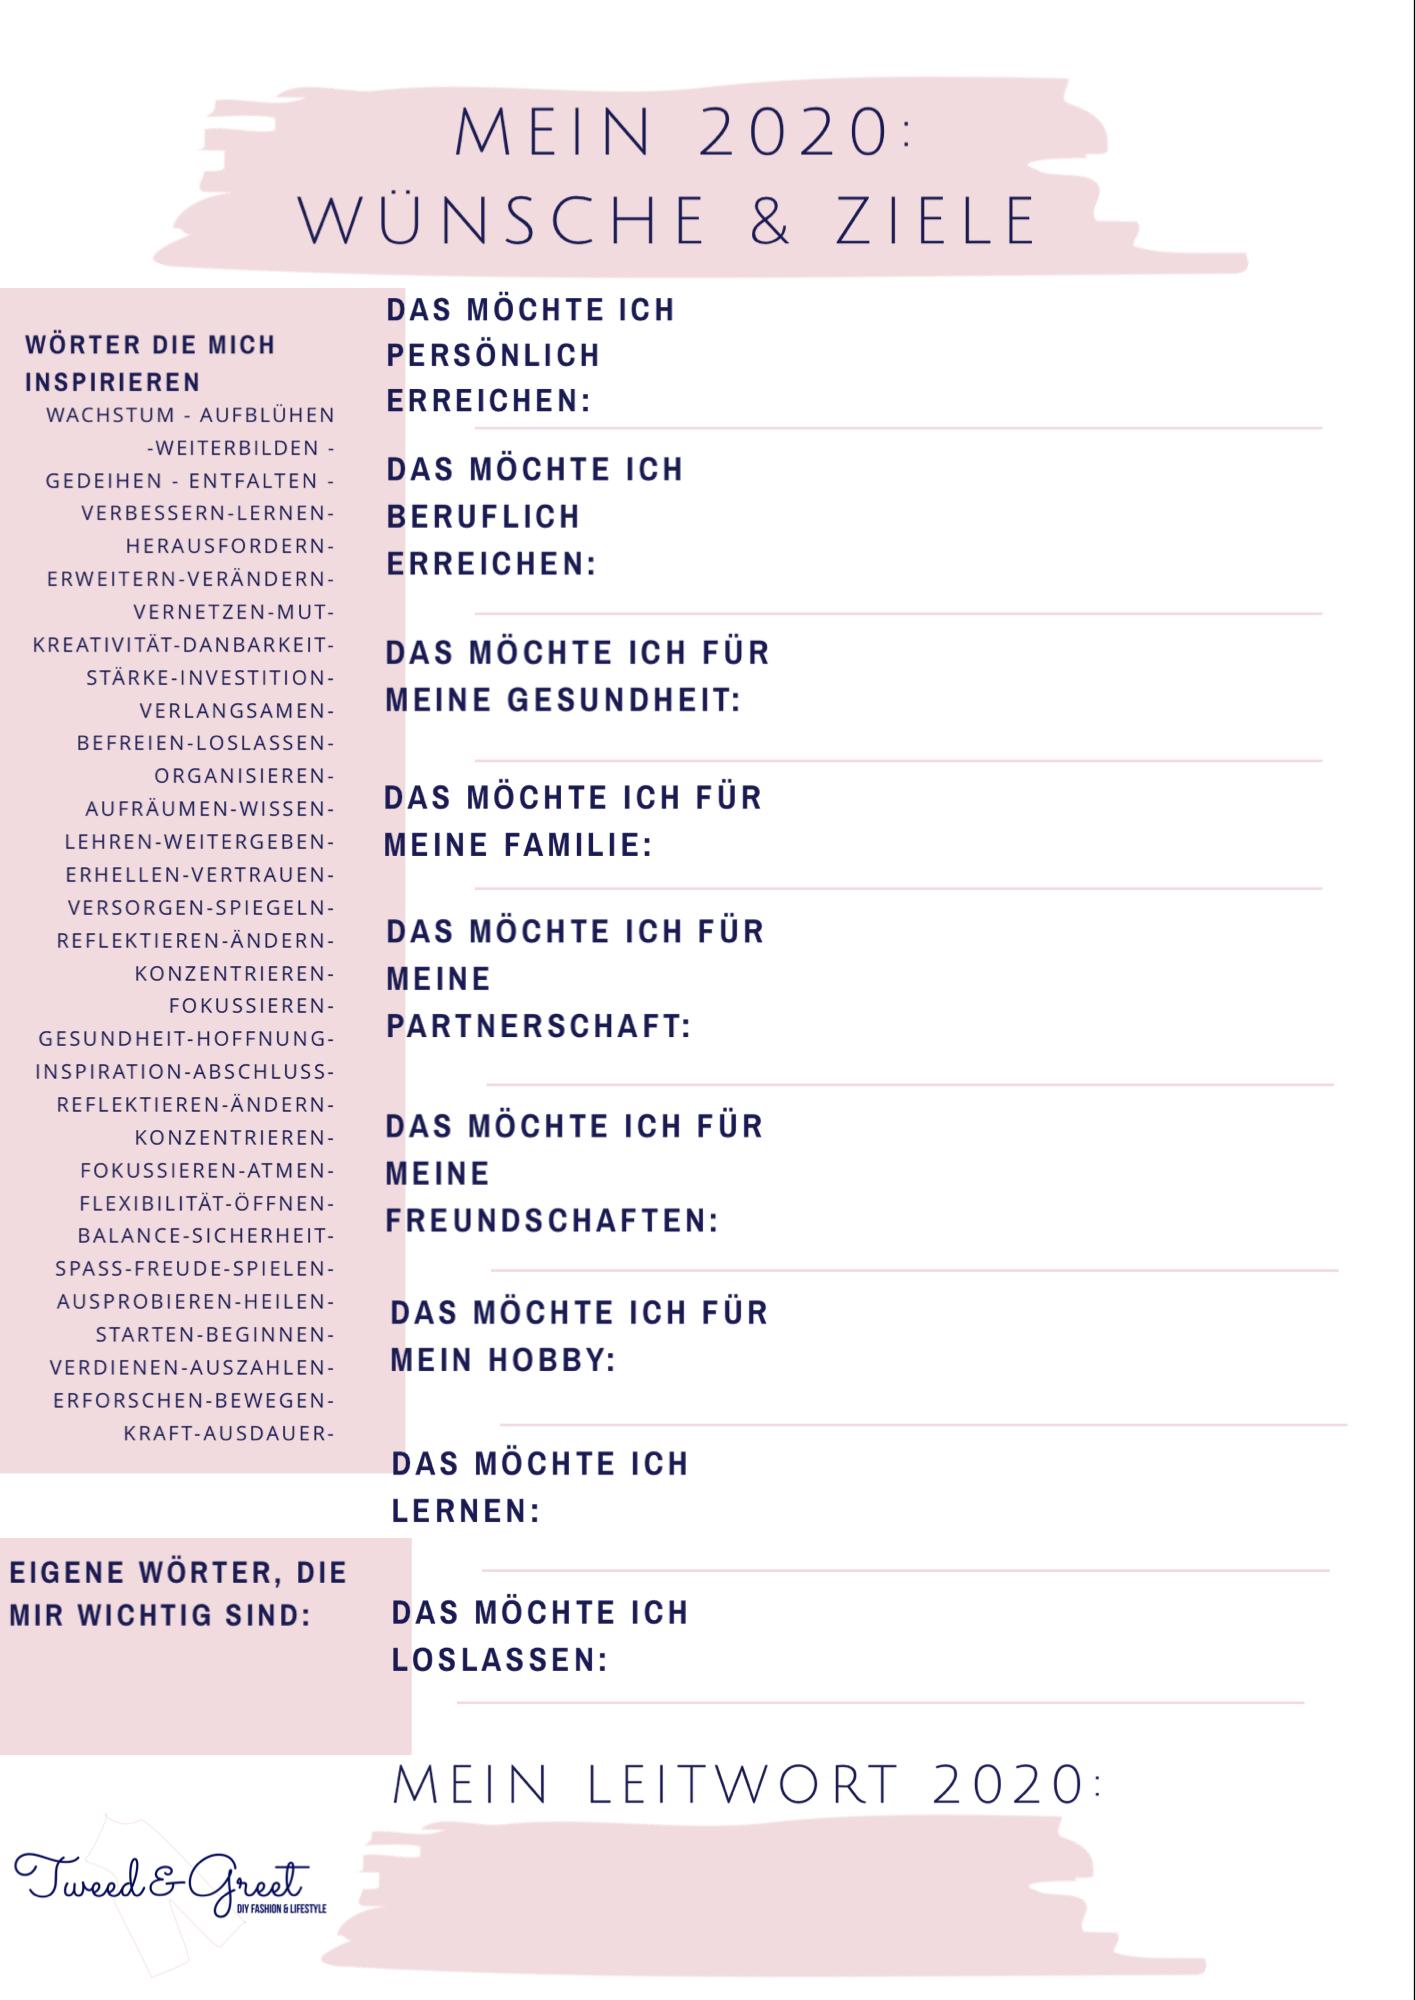 Kostenloser Guide: Leitsatz wählen für Ziele und Wünsche 2020